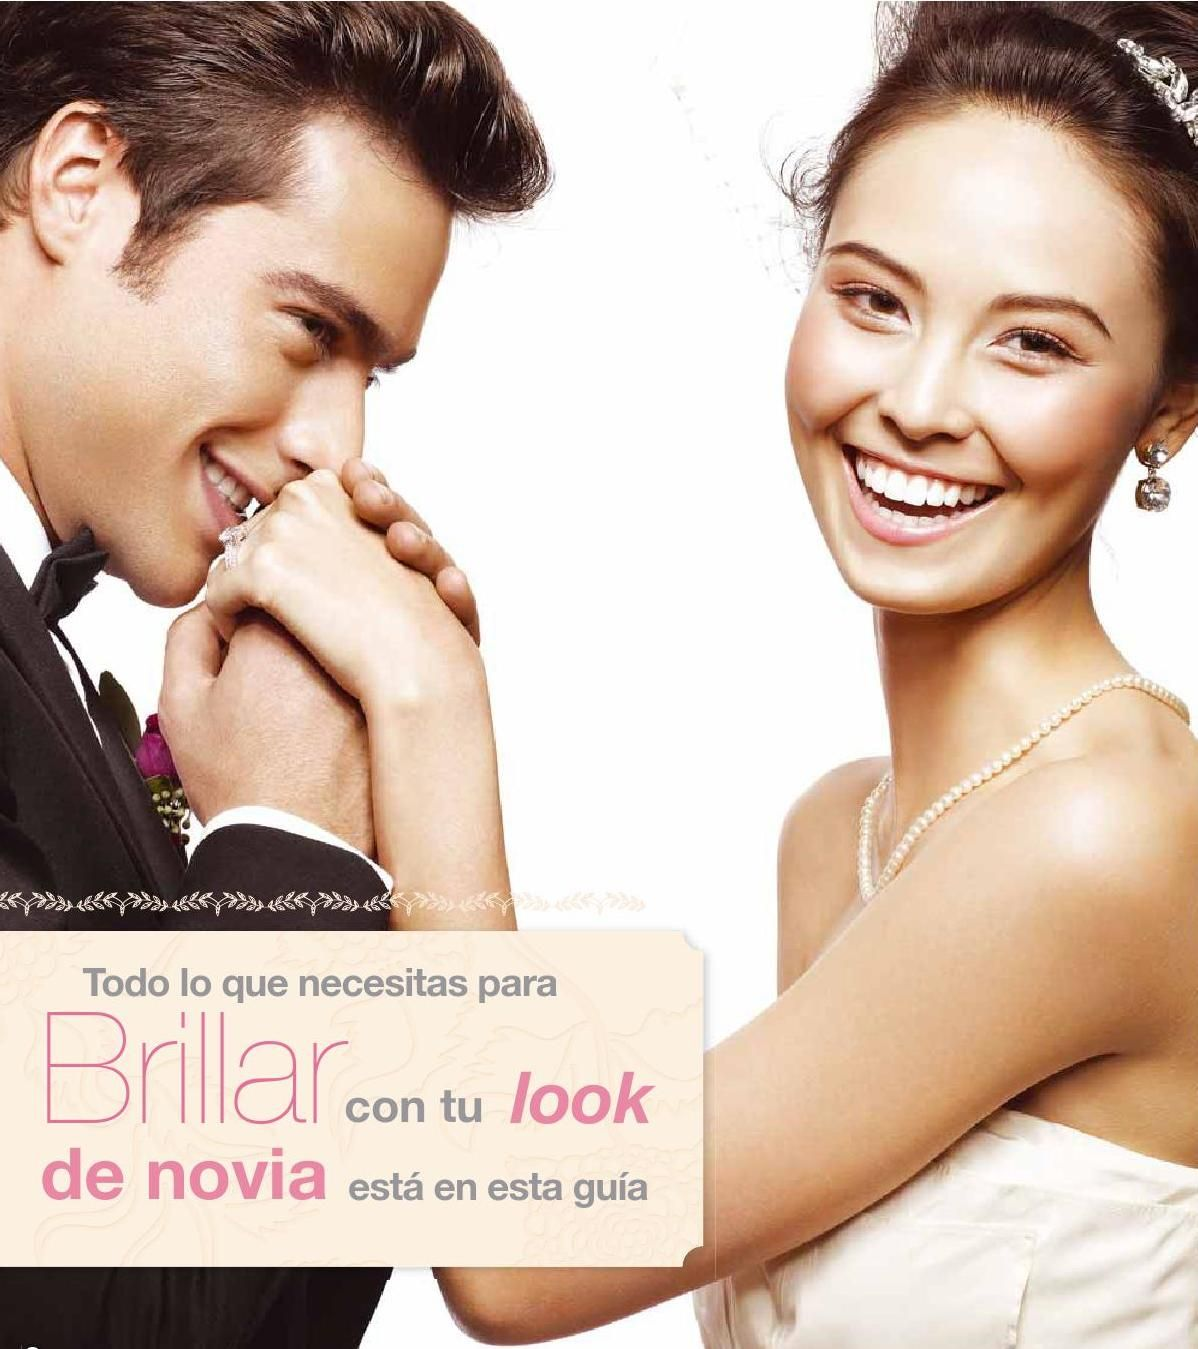 #ClippedOnIssuu from Catalogo de Belleza Nupcial